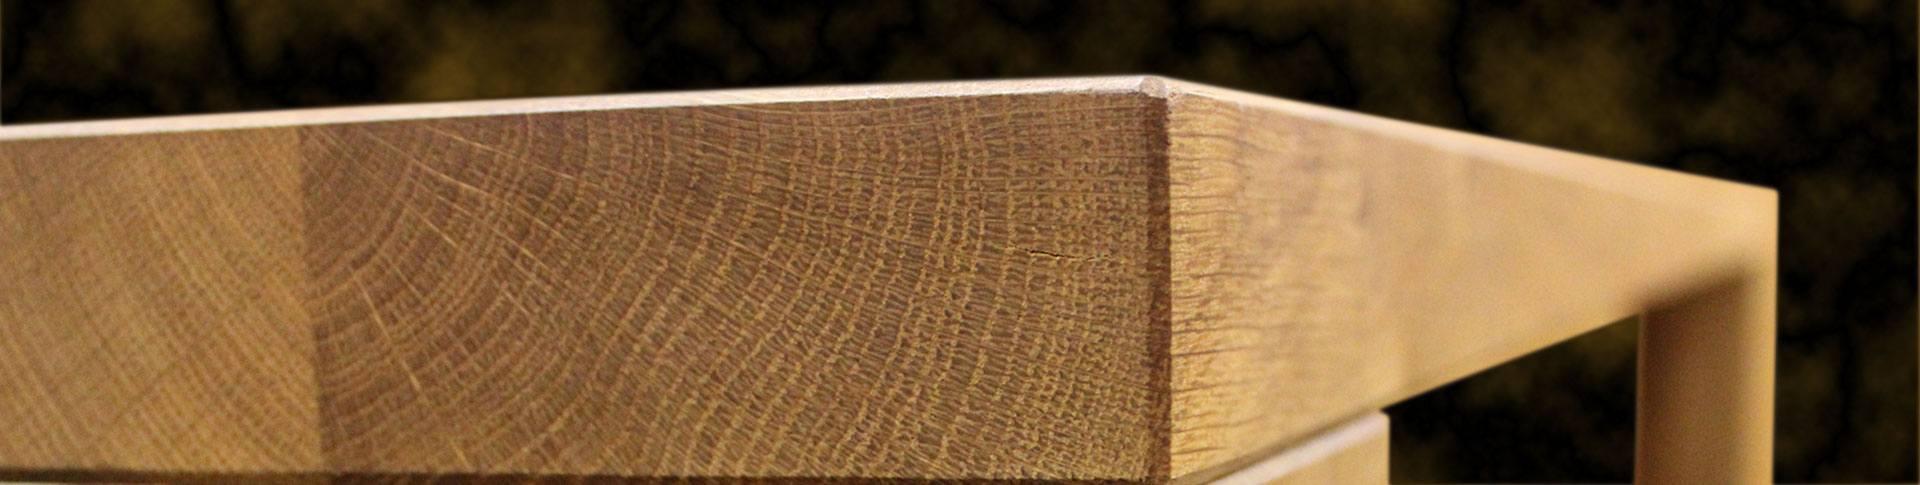 Het eikenhout dat wordt gebruikt voor de collecties van Sessinkwonen.nl vindt zijn oorsprong in goed beheerde bossen in Europa. Om de schoonheid van het natuurlijke massieve hout te benadrukken, heeft Sessinkwonen.nl er specifiek voor gekozen om europees eikenhout te gebruiken, met al zijn natuurlijke kenmerken met knoest en barsten of haarscheuren, wat elke meubelstuk zo uniek maakt.